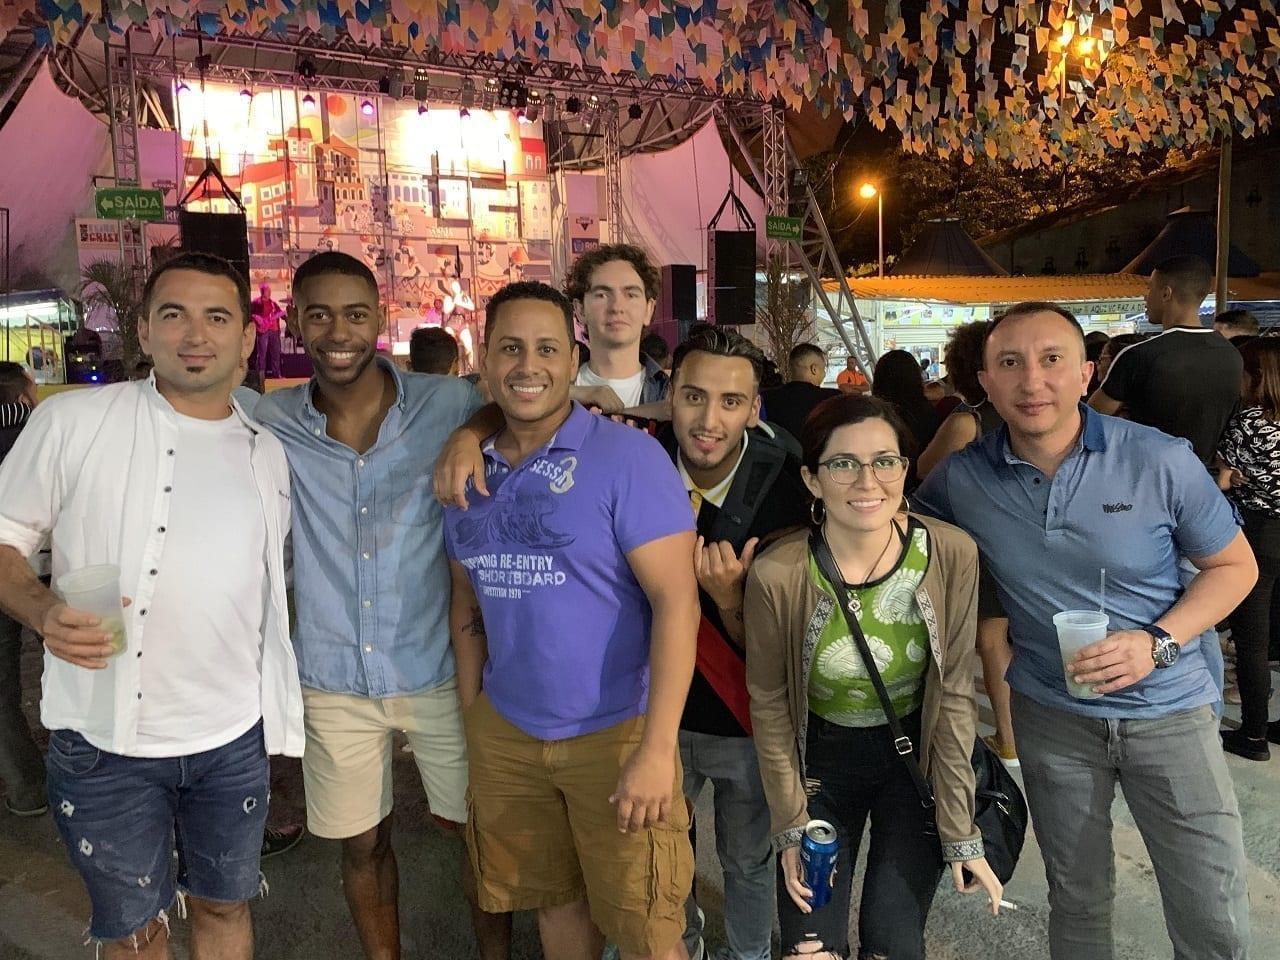 Estudiantes en el palco de la Feria de San Cristóbal de Río de Janeiro.